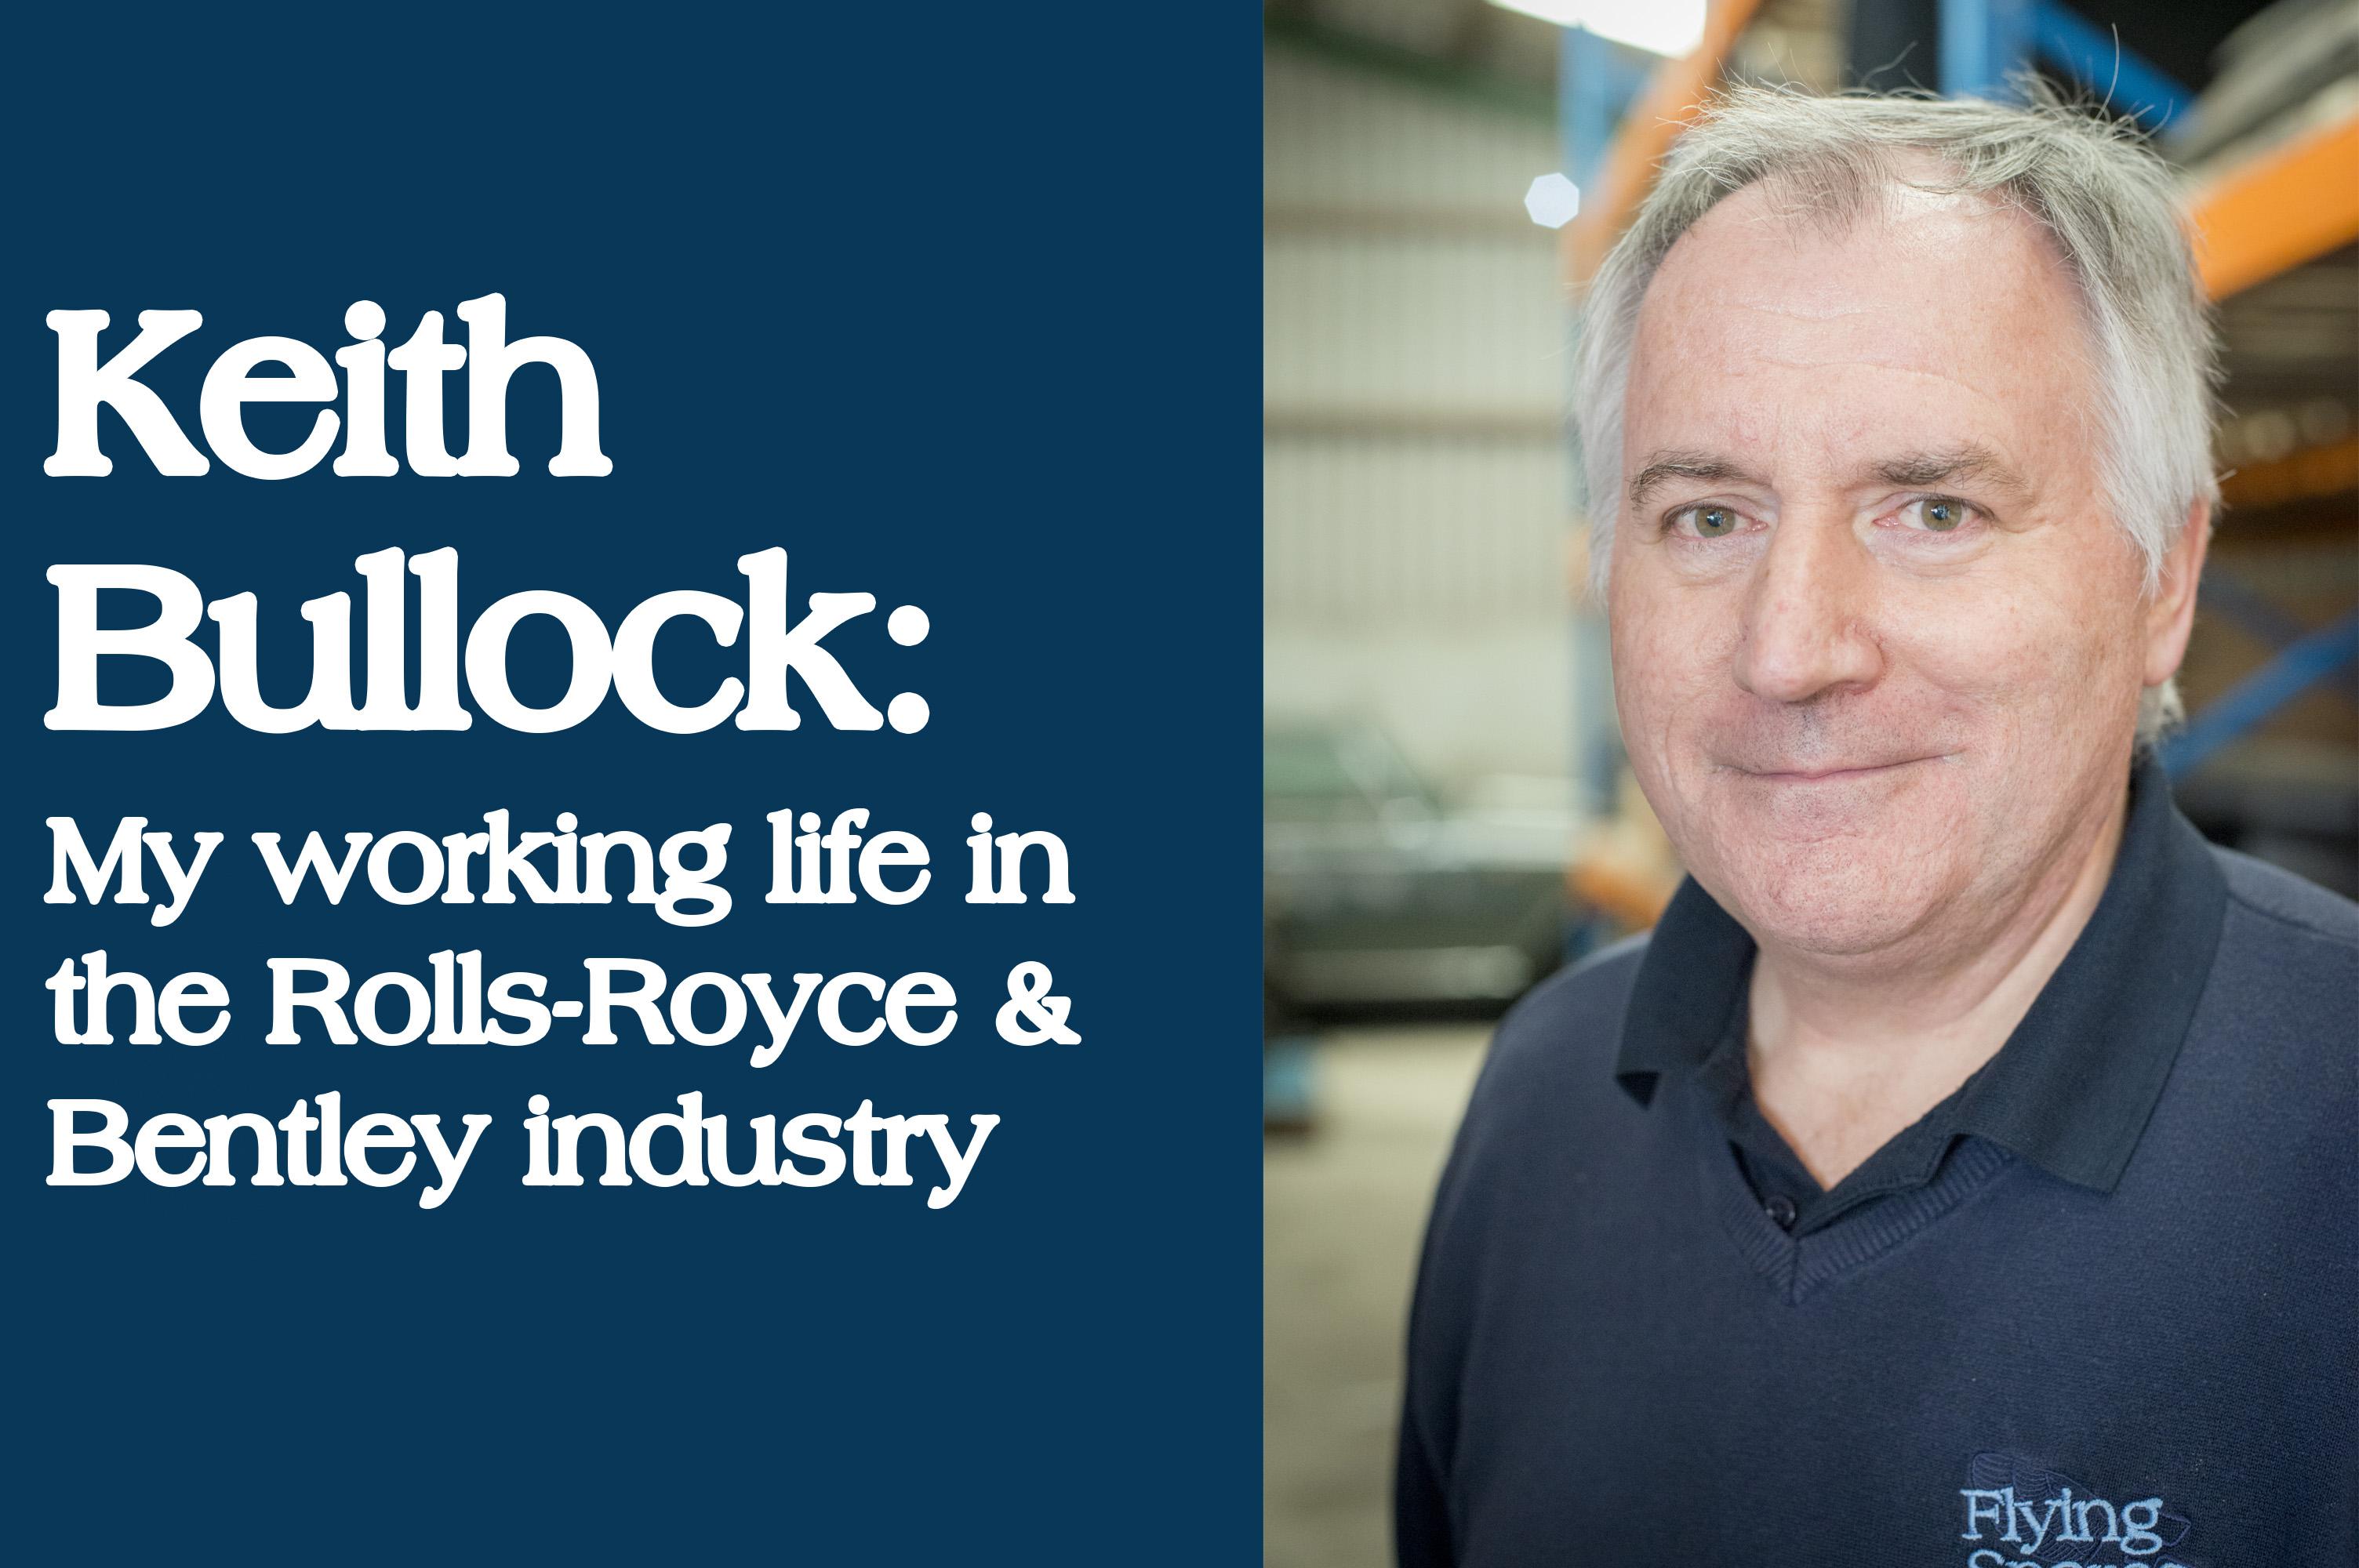 Keith Bullock: My working life in the Rolls-Royce & Bentley industry